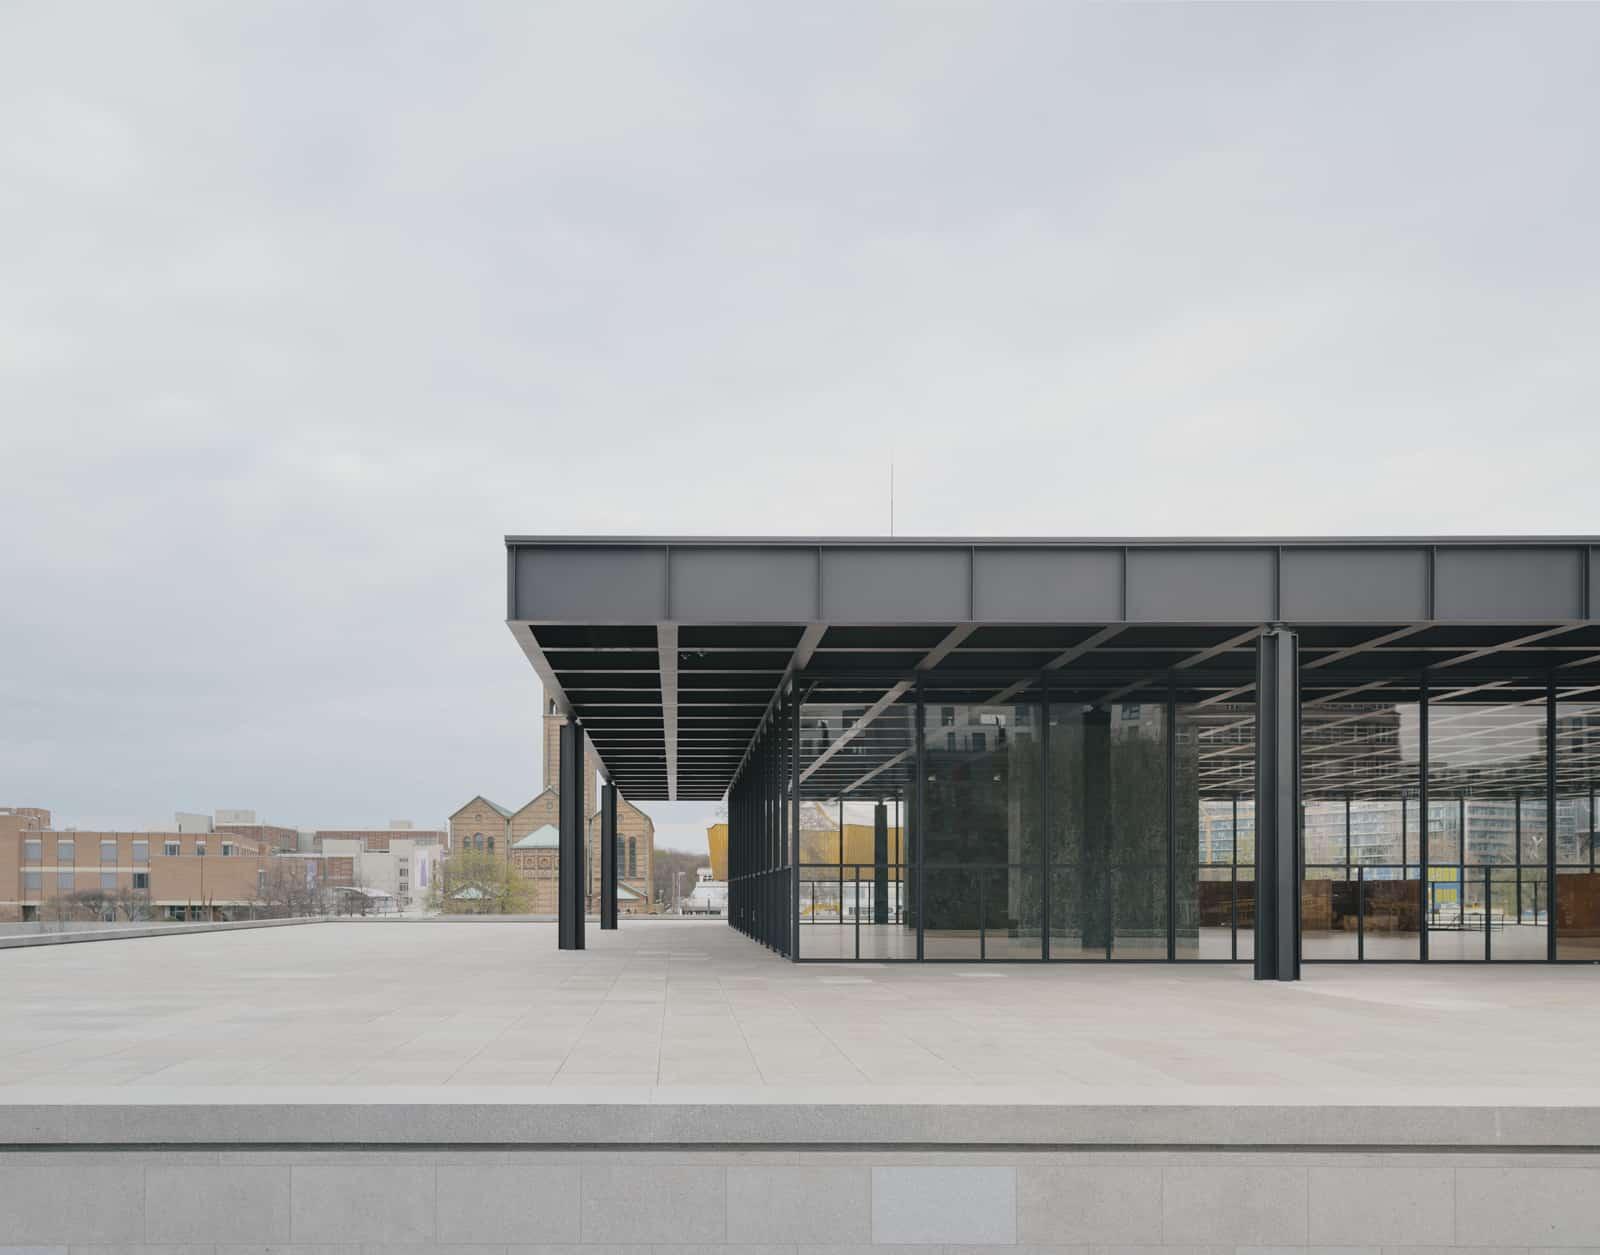 Neue Nationalgalerie Refurbishment  - 20210625 Chipperfield NeueNationalgalerieRefurbishment 03 35